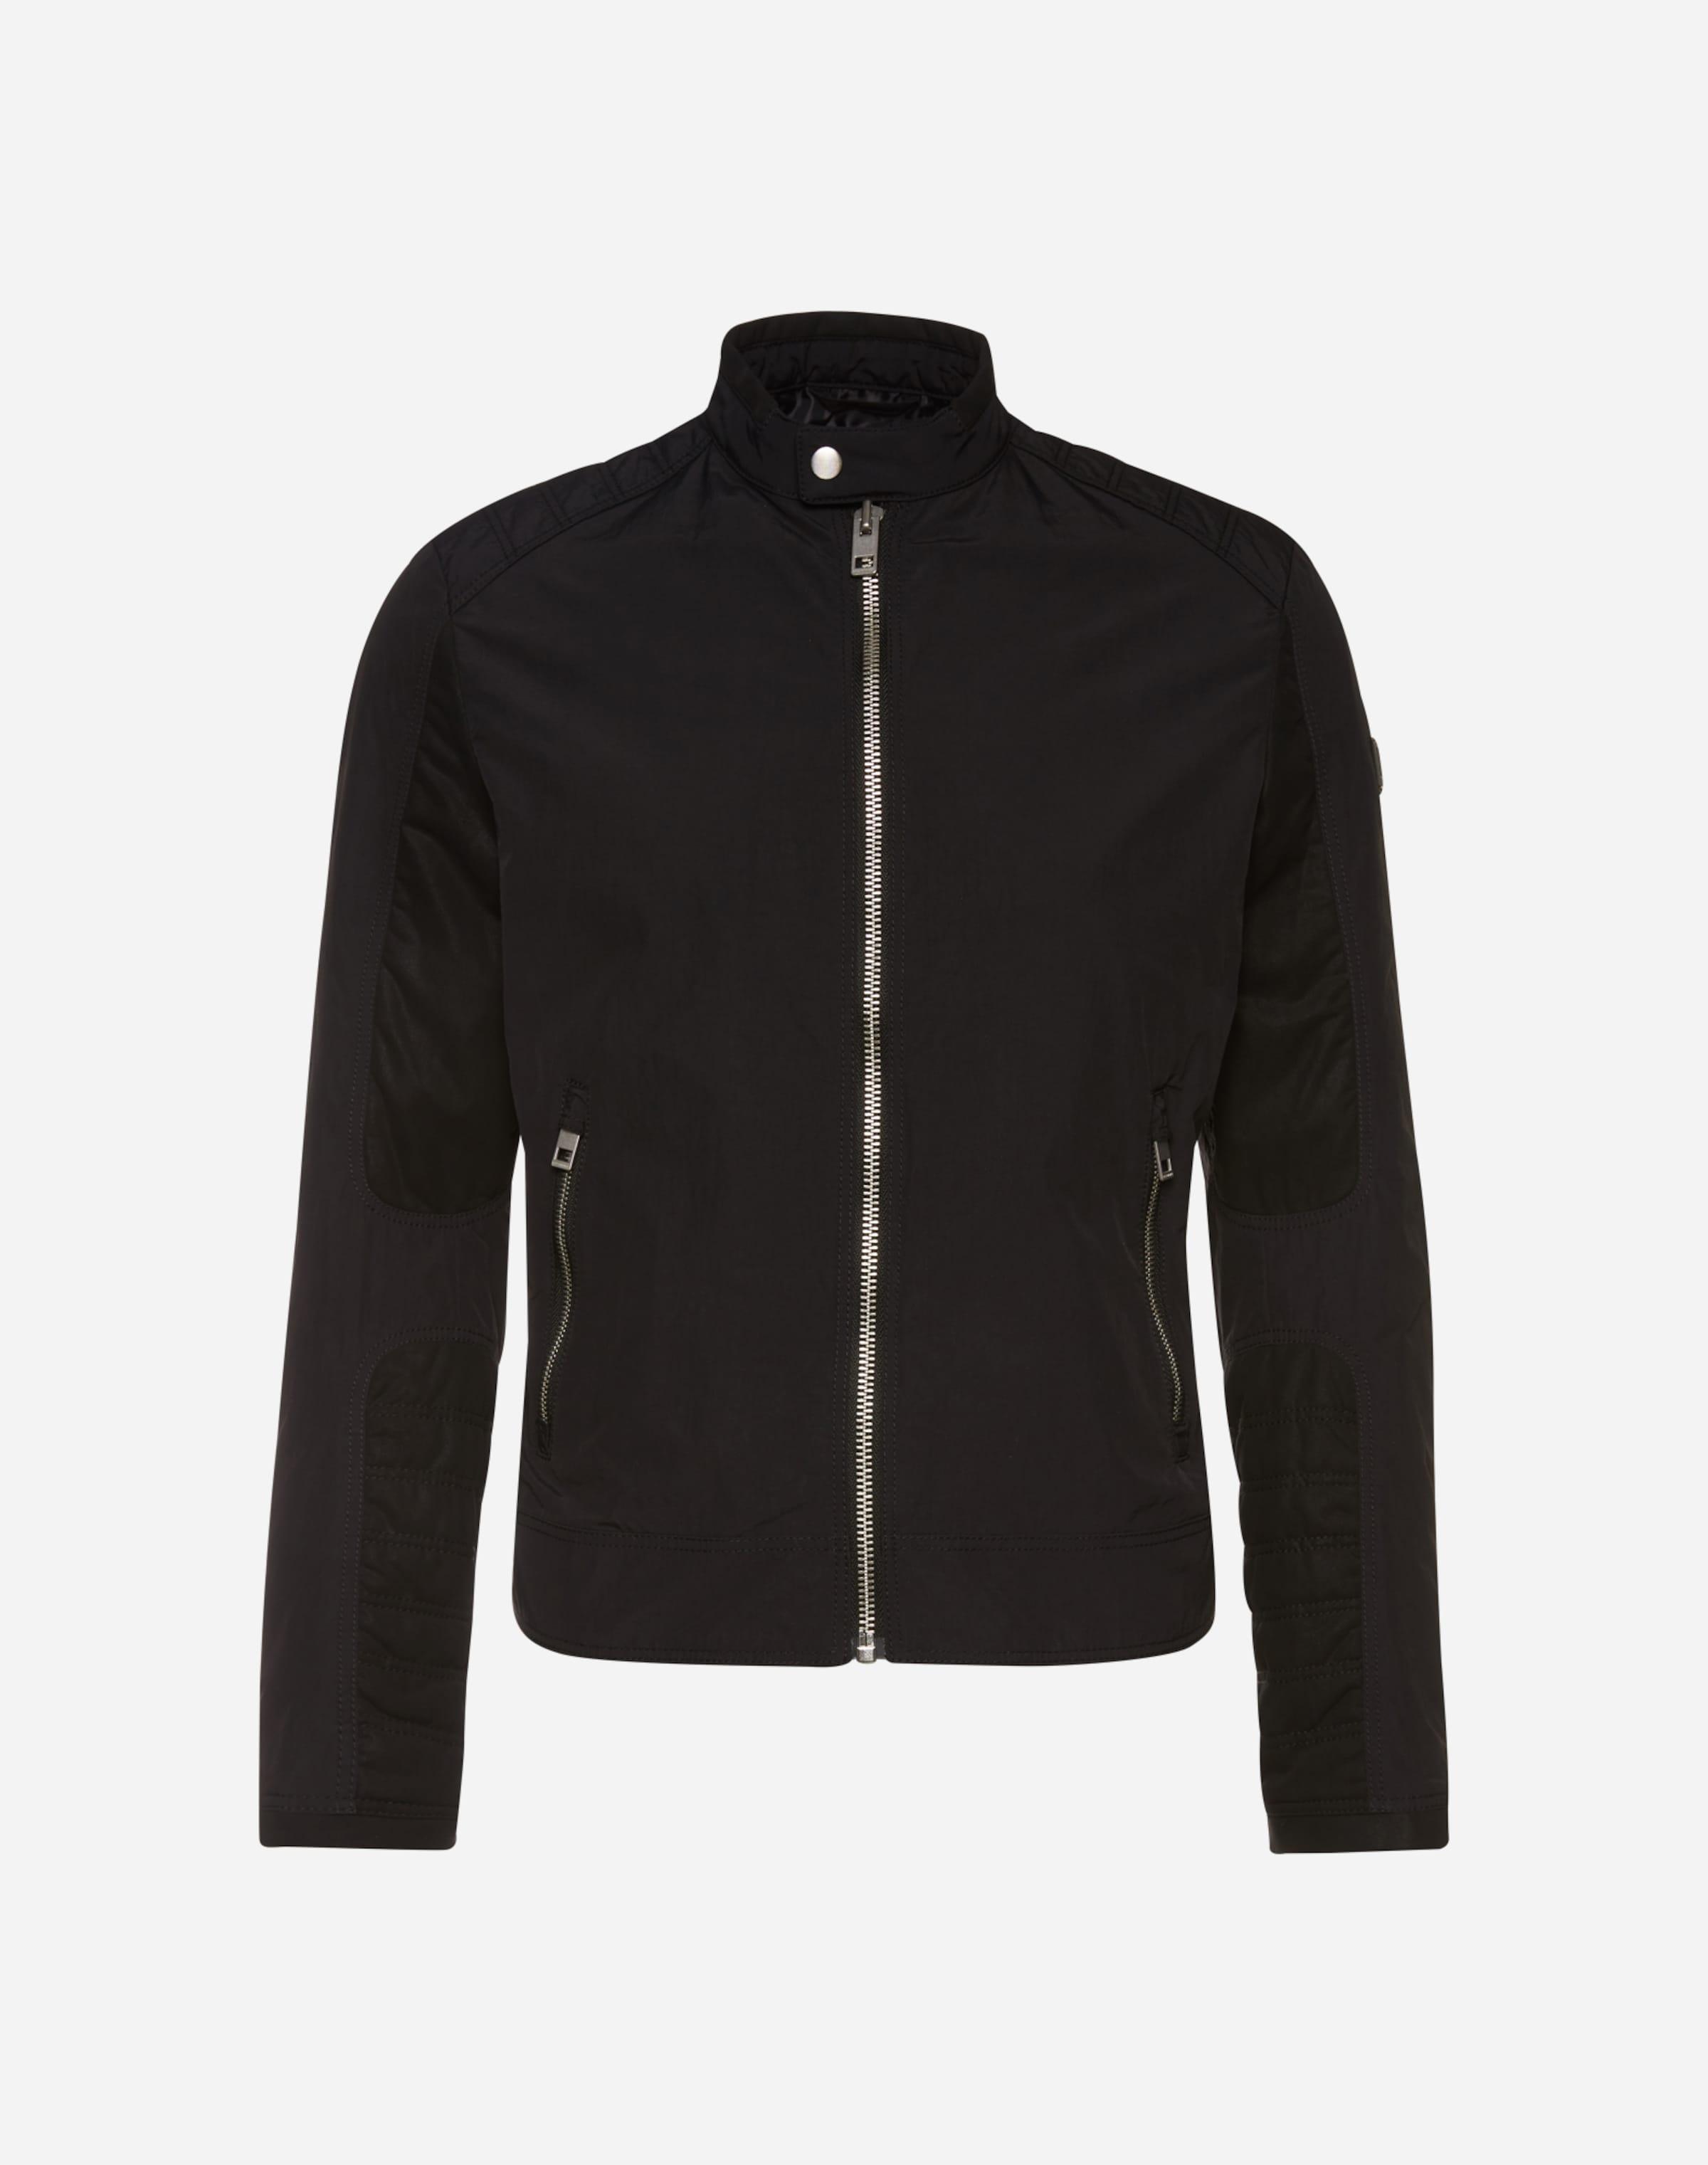 Günstiger Preis Vorbestellung Sie Günstig Online Qualität BOSS Jacke mit Ärmelzippern 'Ondrix' Spielraum Online tOmZht3ahX